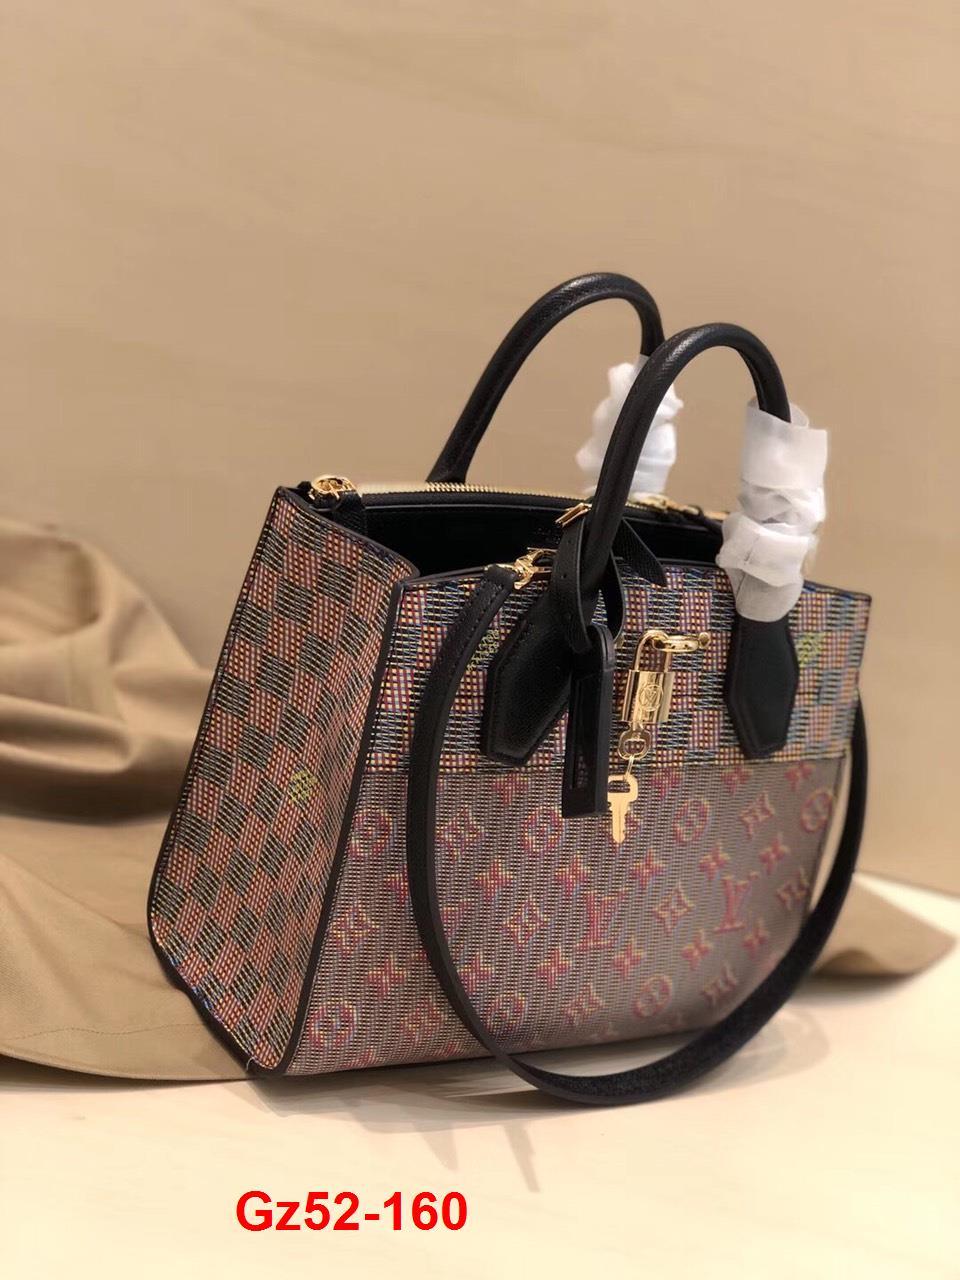 Gz52-160 Louis Vuitton túi size 22cm, 26cm siêu cấp